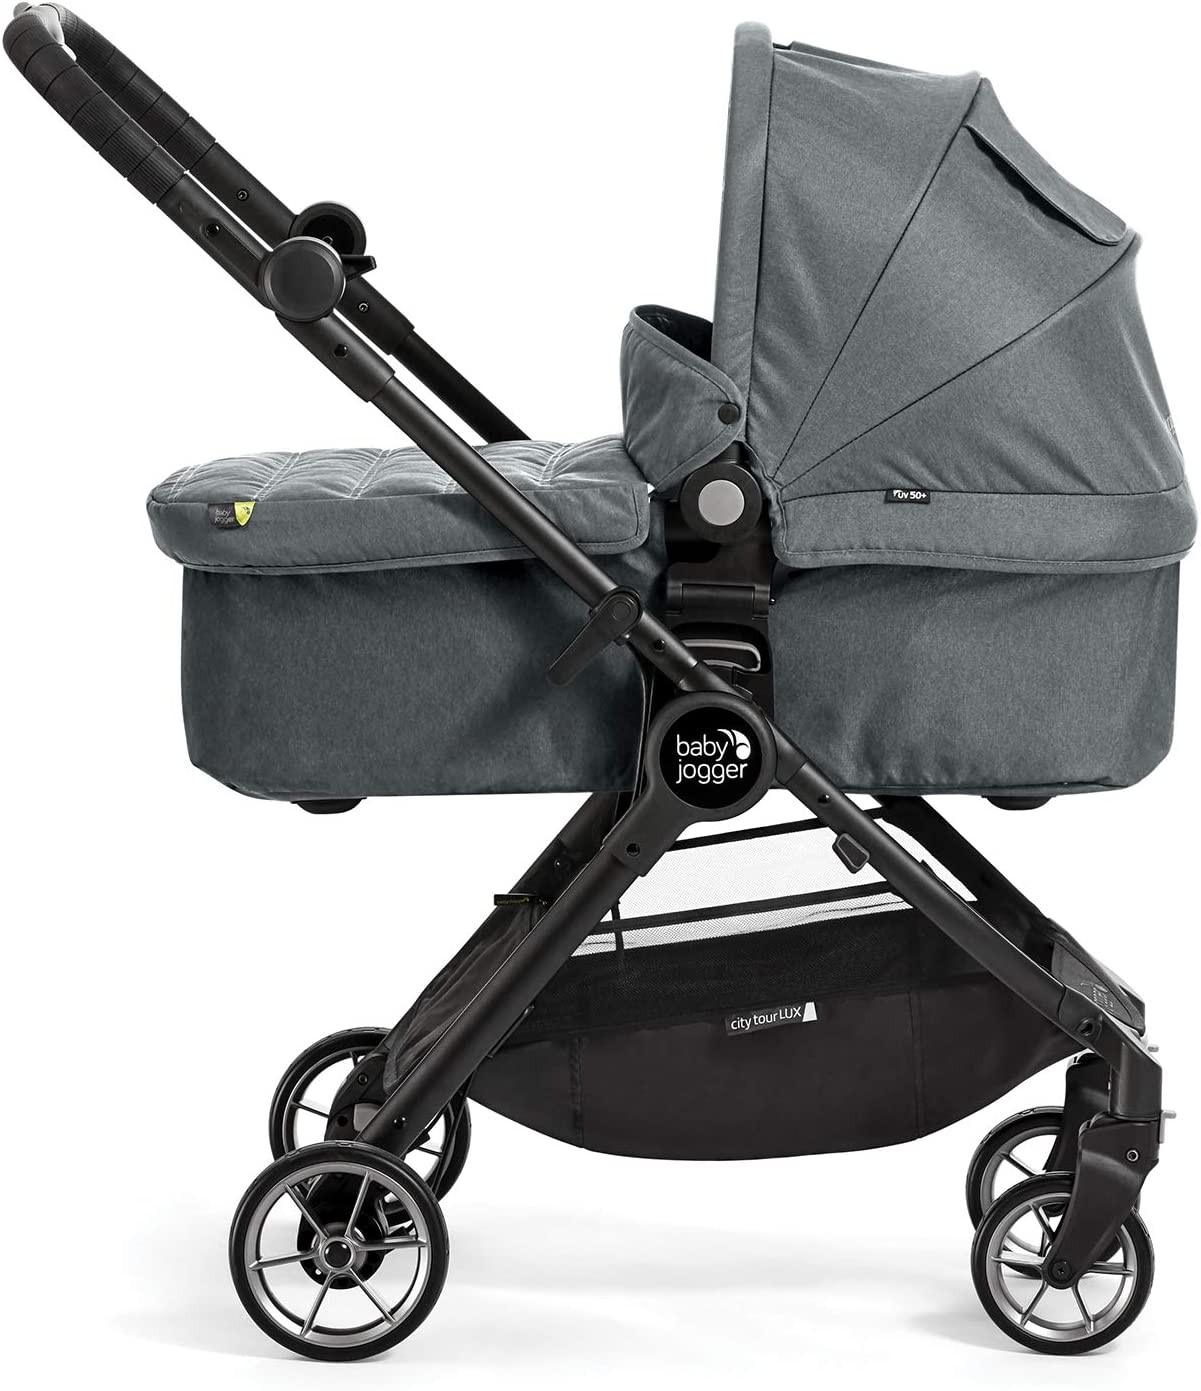 Baby Jogger 2044257 Passeggino e navicella 2 in 1 Baby Jogger City Tour LUX colore: Grigio leggero pieghevole e portatile